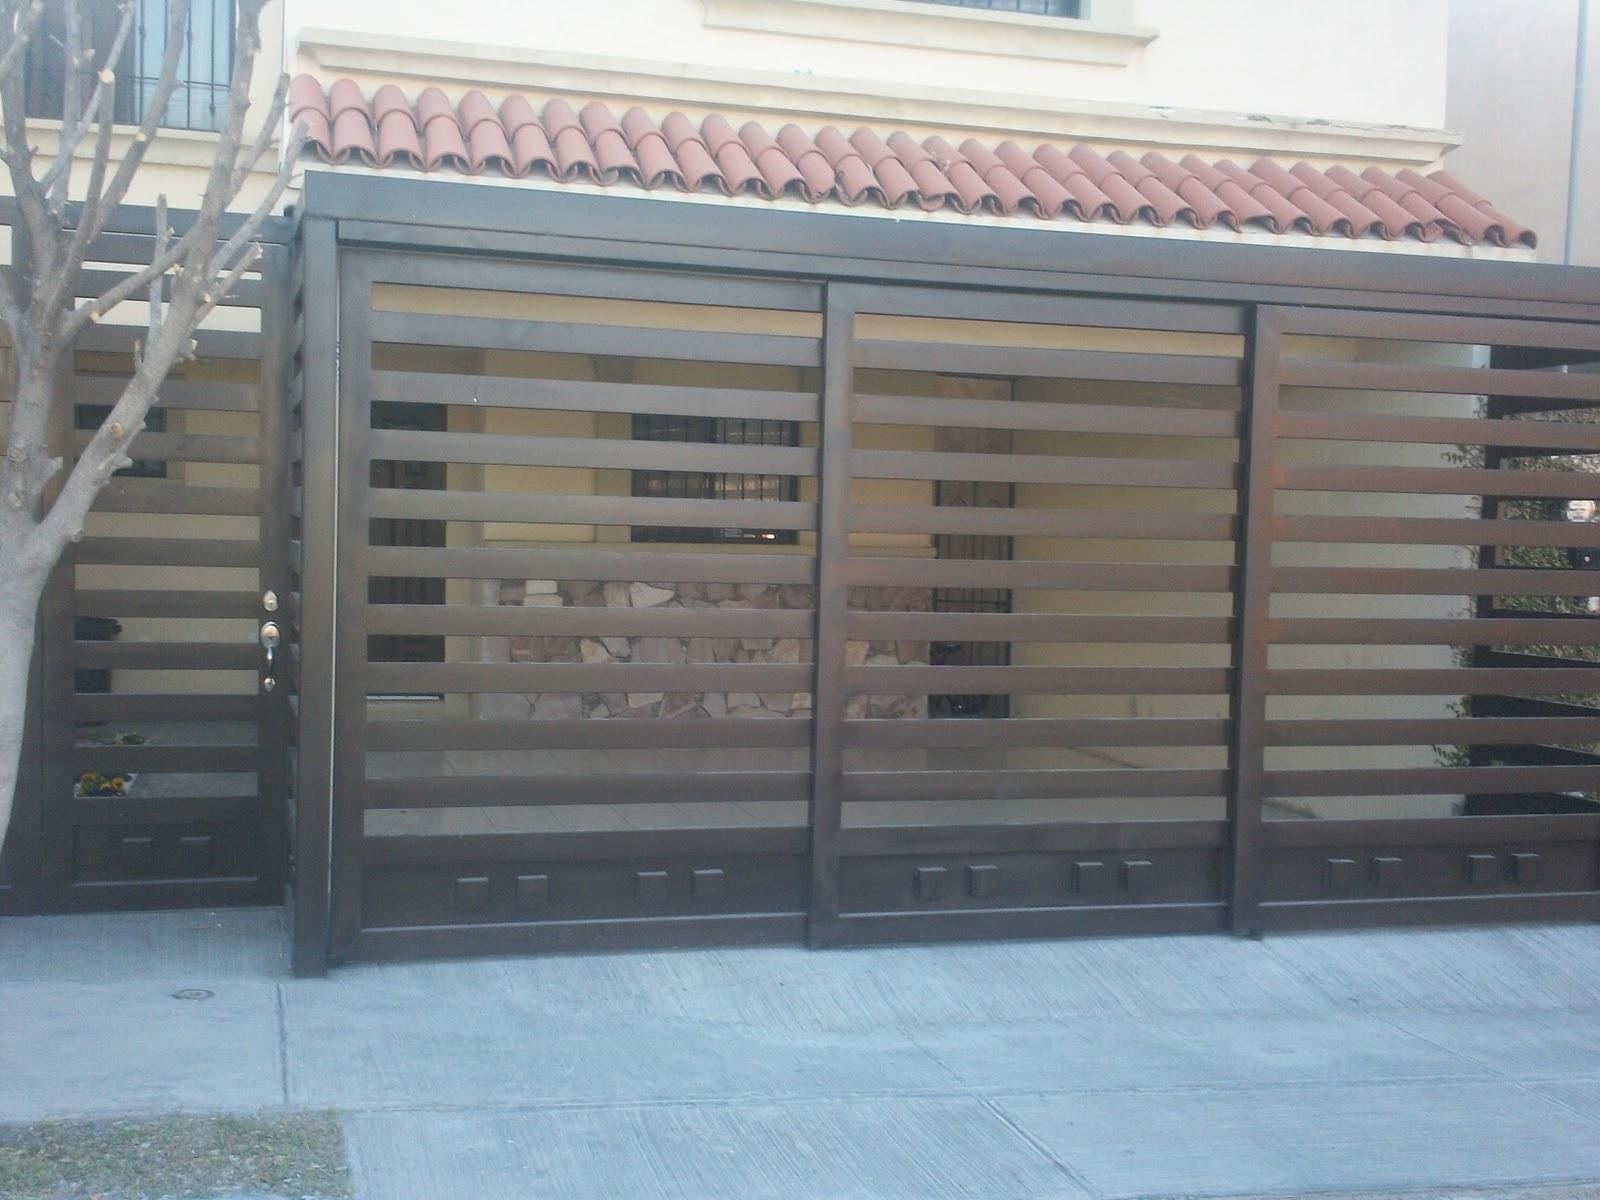 Portones para cochera red de soluciones - Puertas para cocheras ...